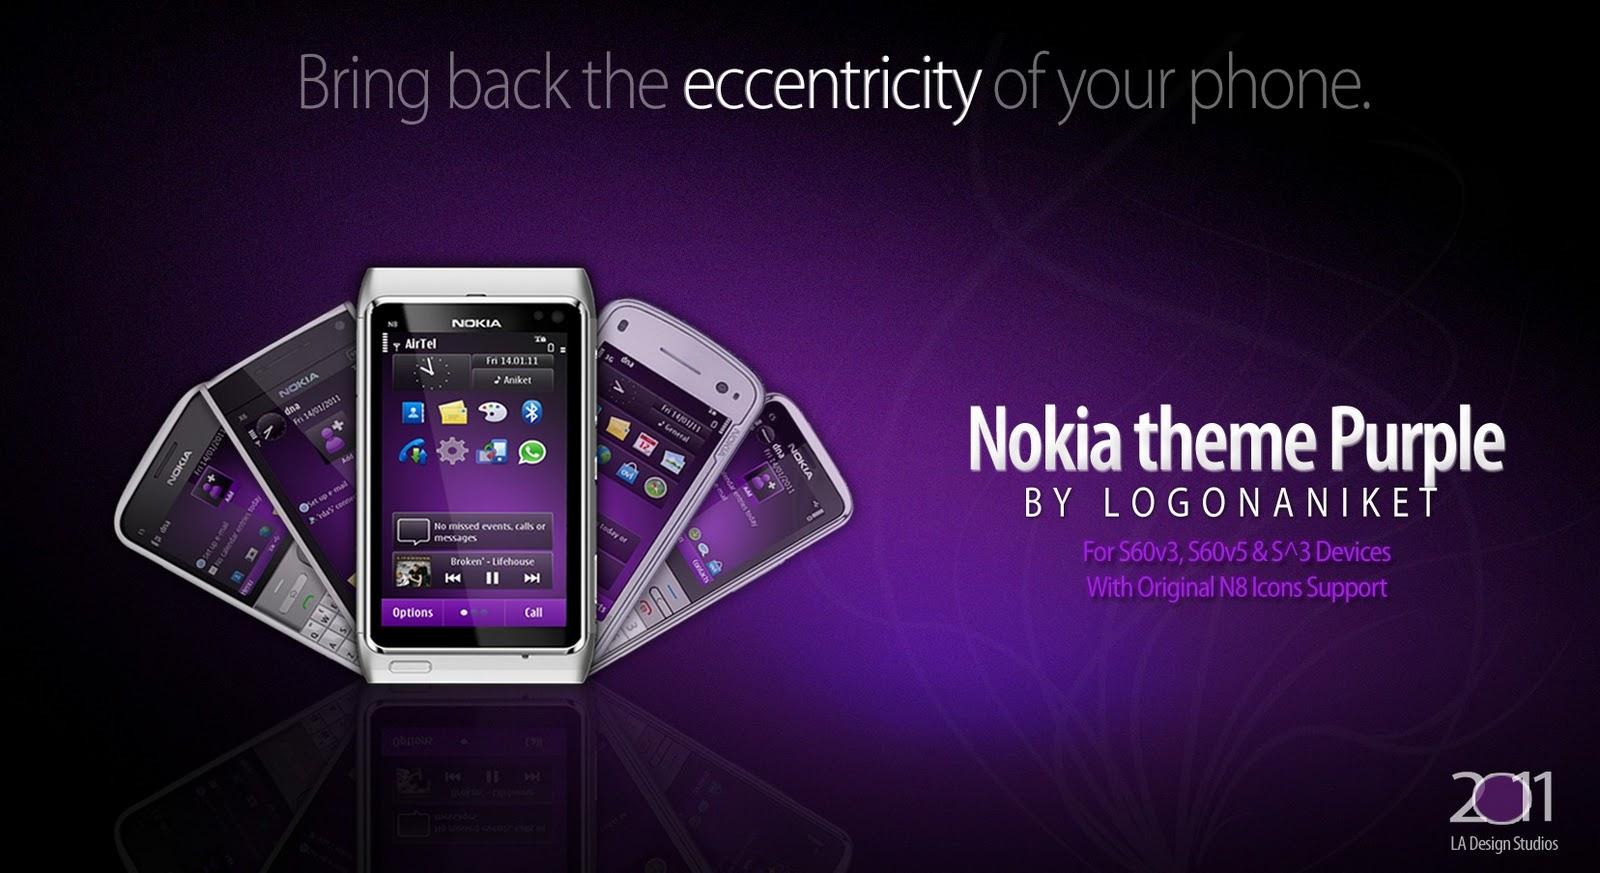 Nokia theme Purble nokia n8